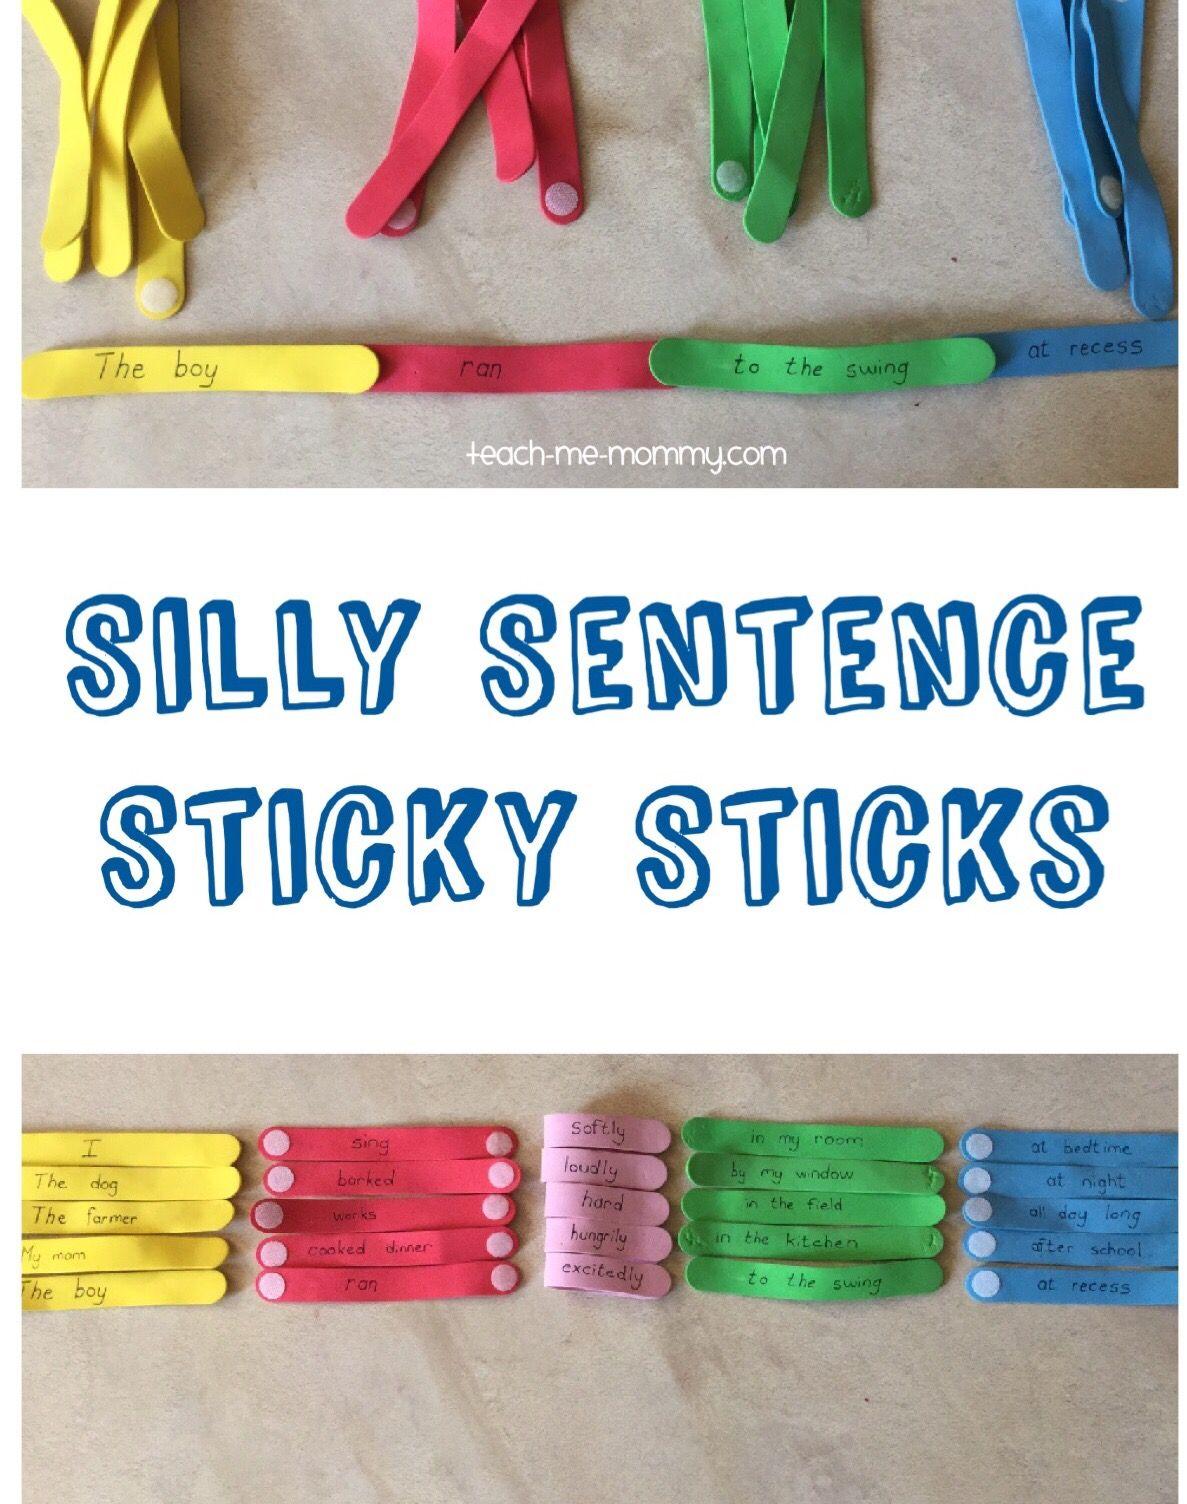 Silly Sentence Sticky Sticks